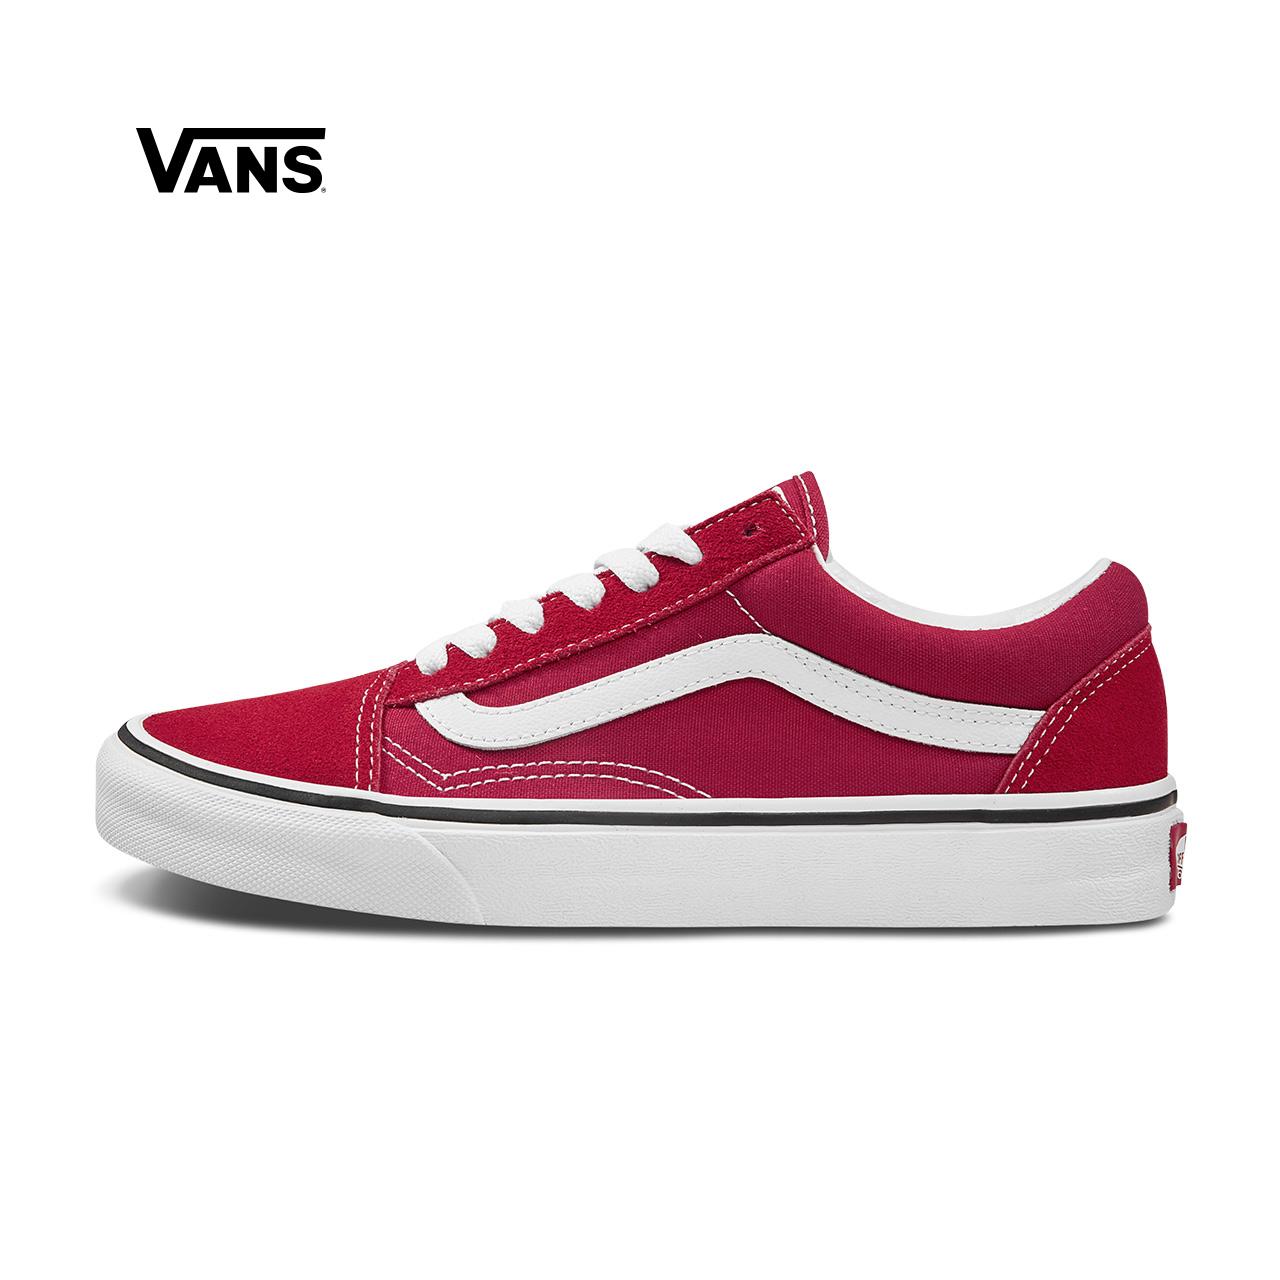 满535.00元可用1元优惠券vans范斯经典系列old skool板鞋